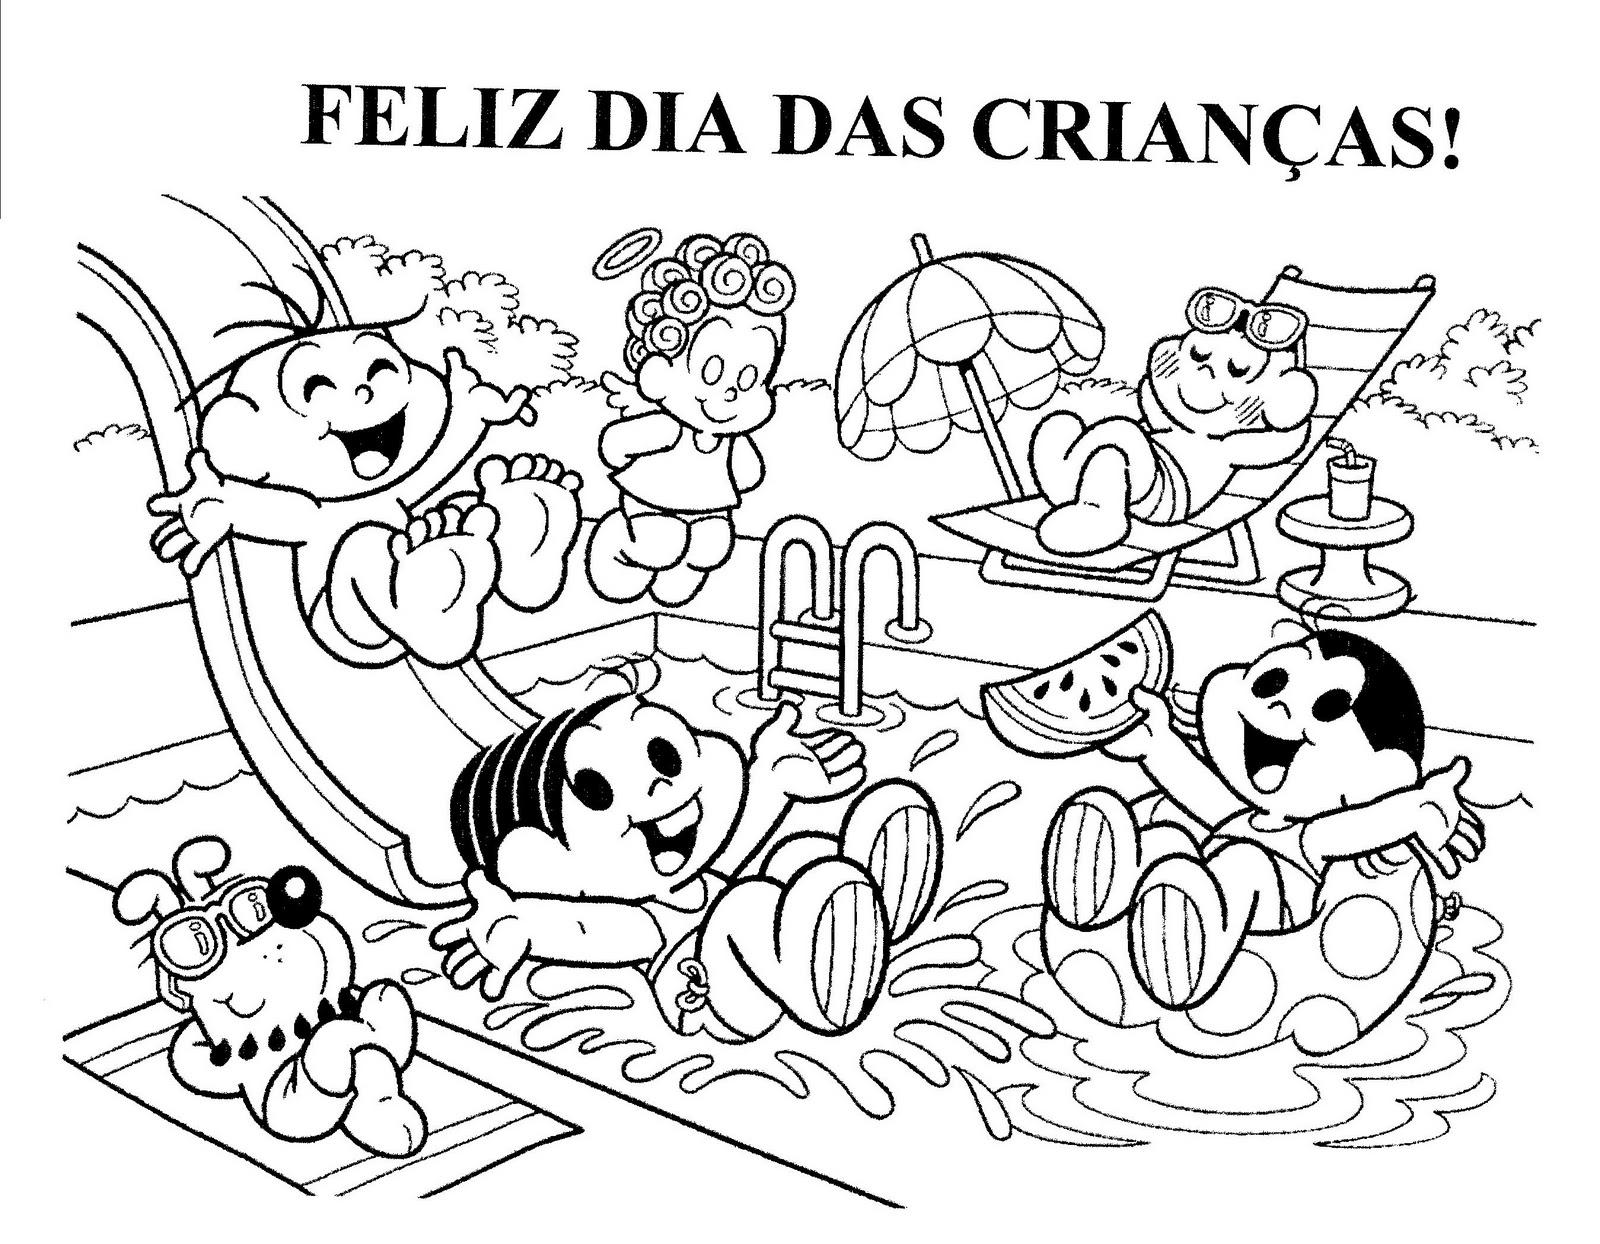 PARA COLORIR DIA DAS CRIANÇAS - TURMA DA MÔNICA.